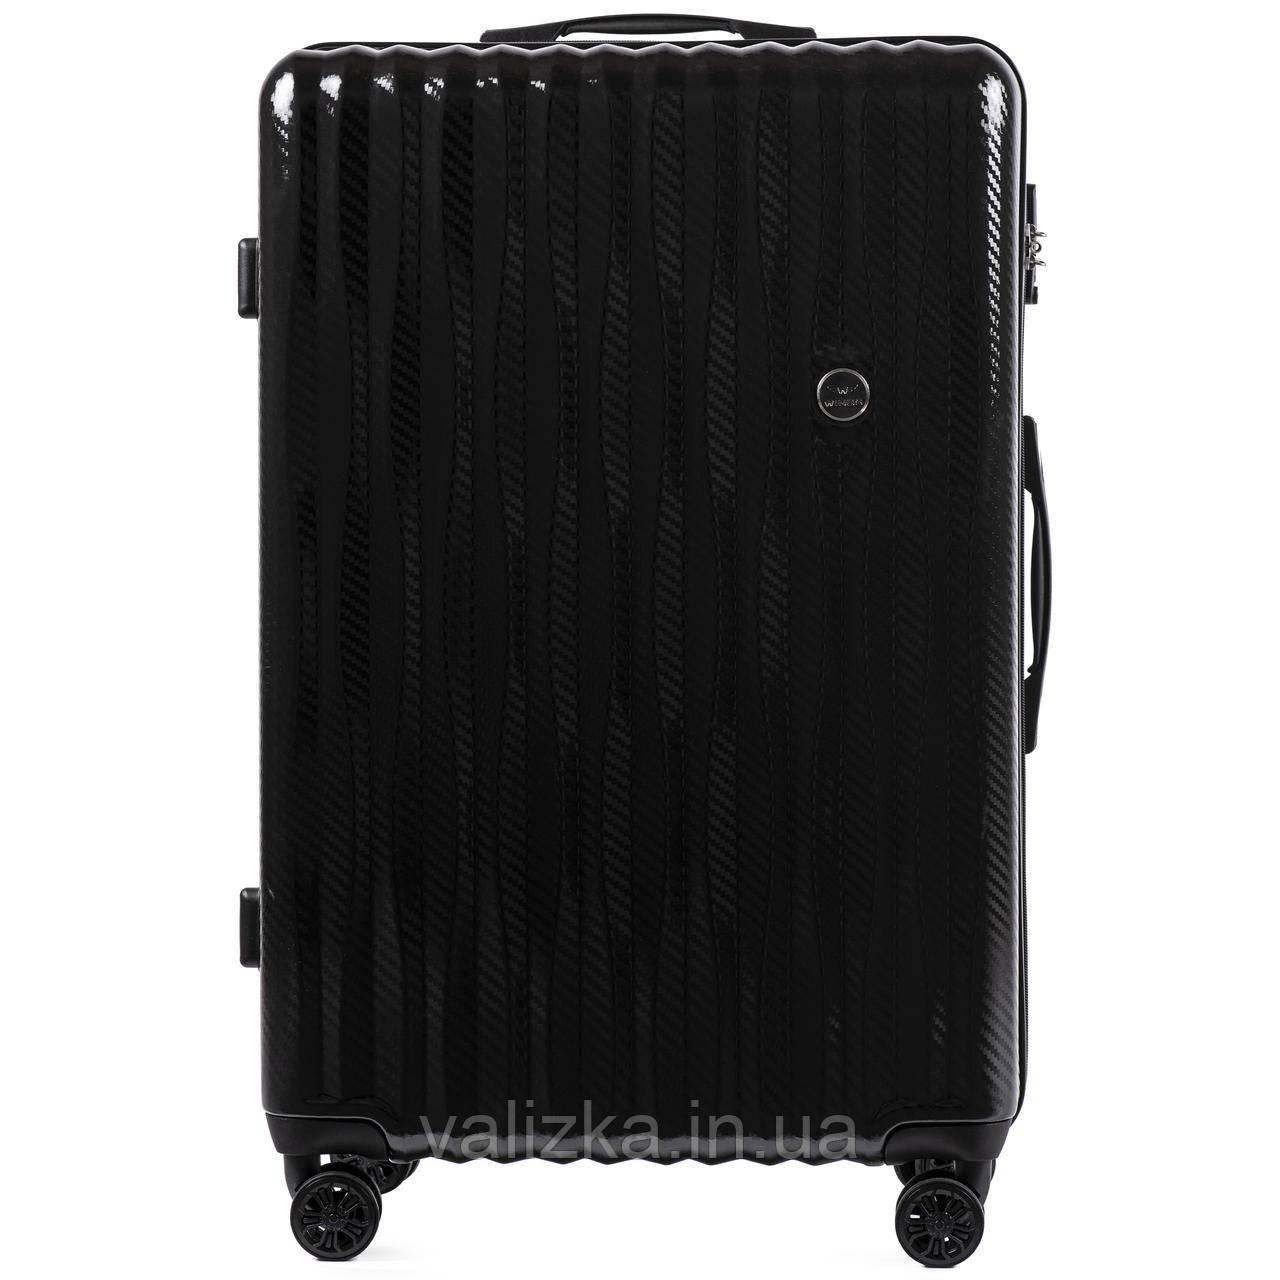 Великий чемодан з полікарбонату преміум серії W-5223 на 4х подвійних колесах з ТСА замком чорний